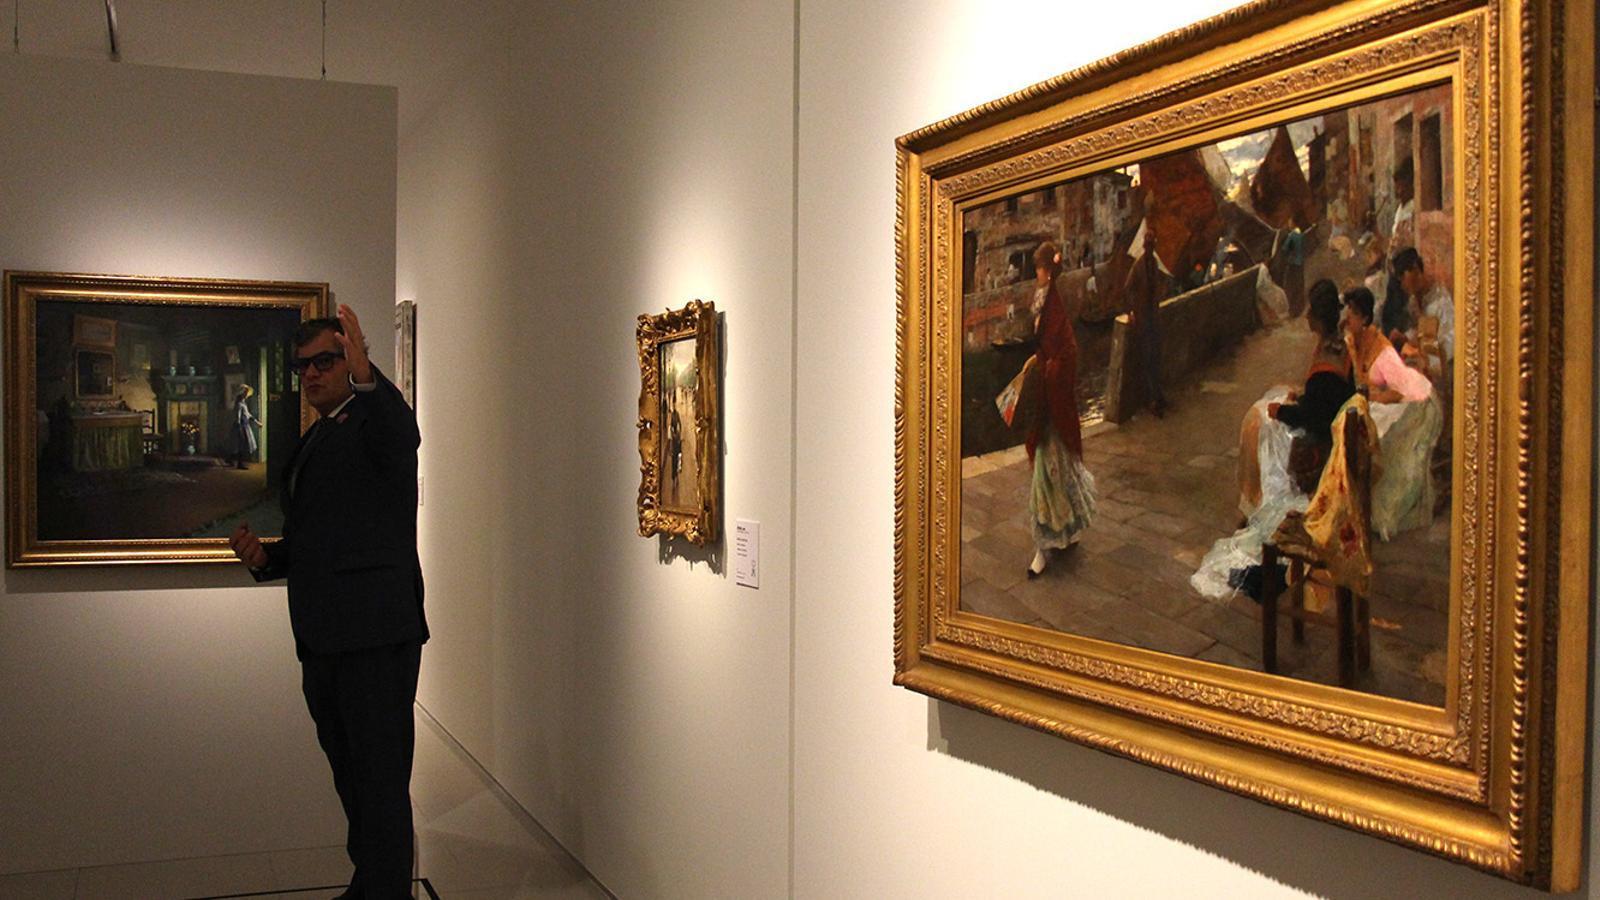 Un quadre de la nova exposició al Museu Carmen Thyssen Andorra. / M. F. (ANA)